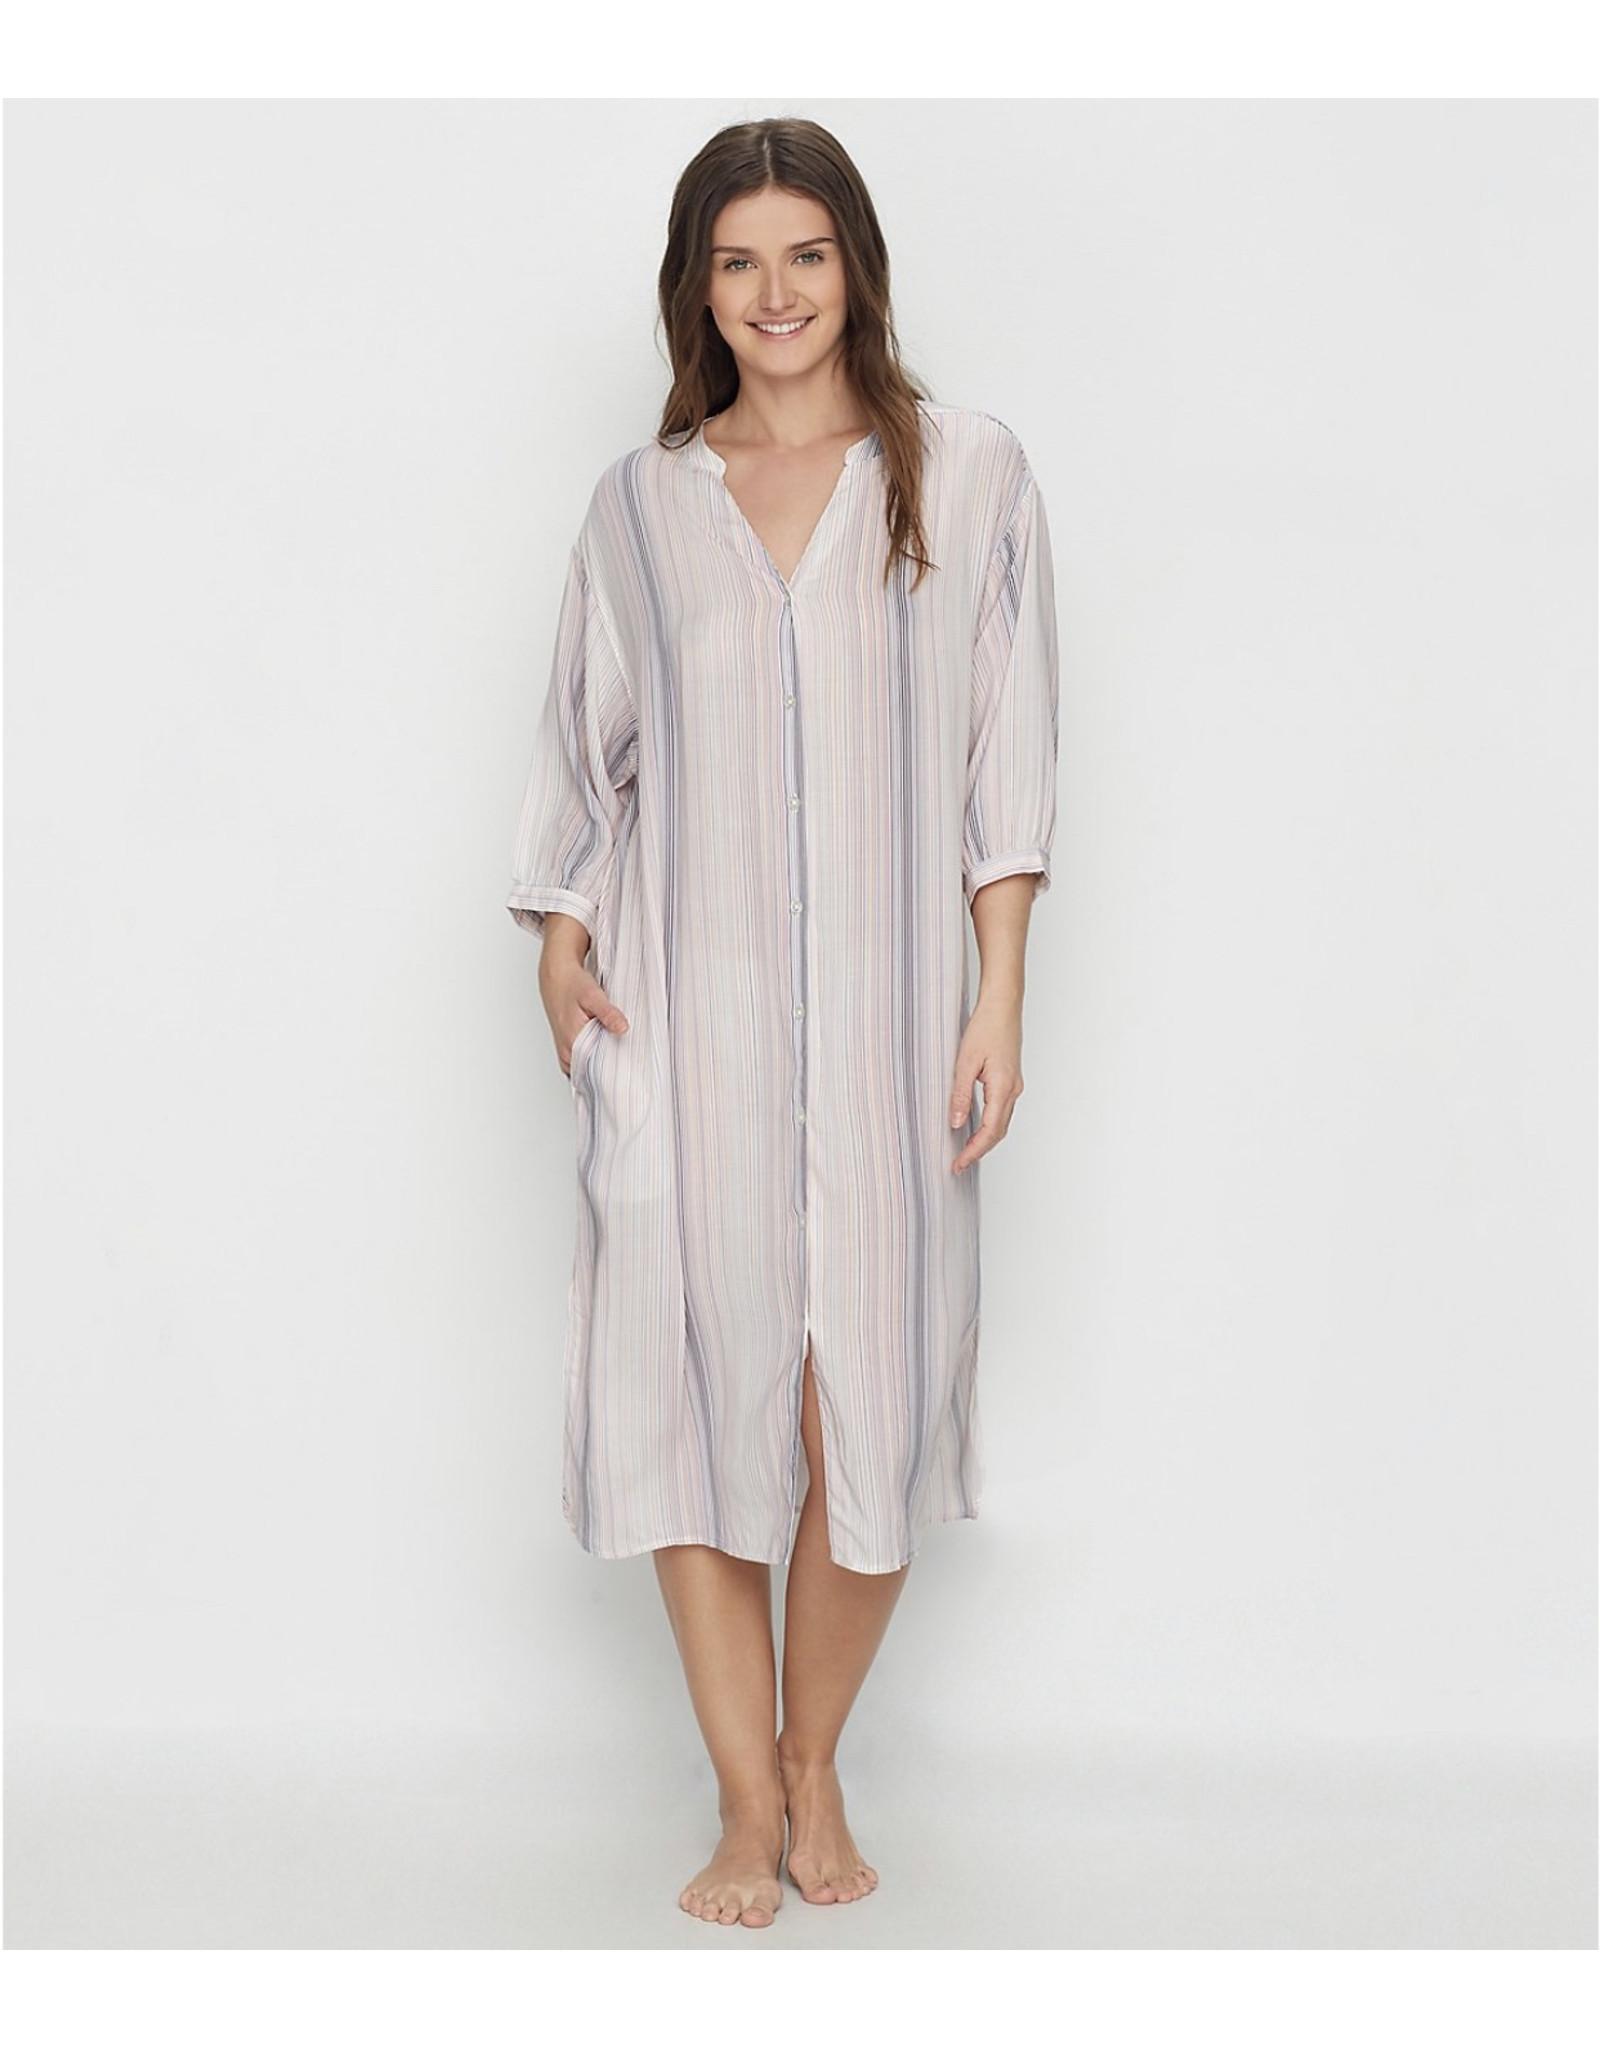 Donna Karan Donna Karan Maxi Woven Lounge Dress with Pockets